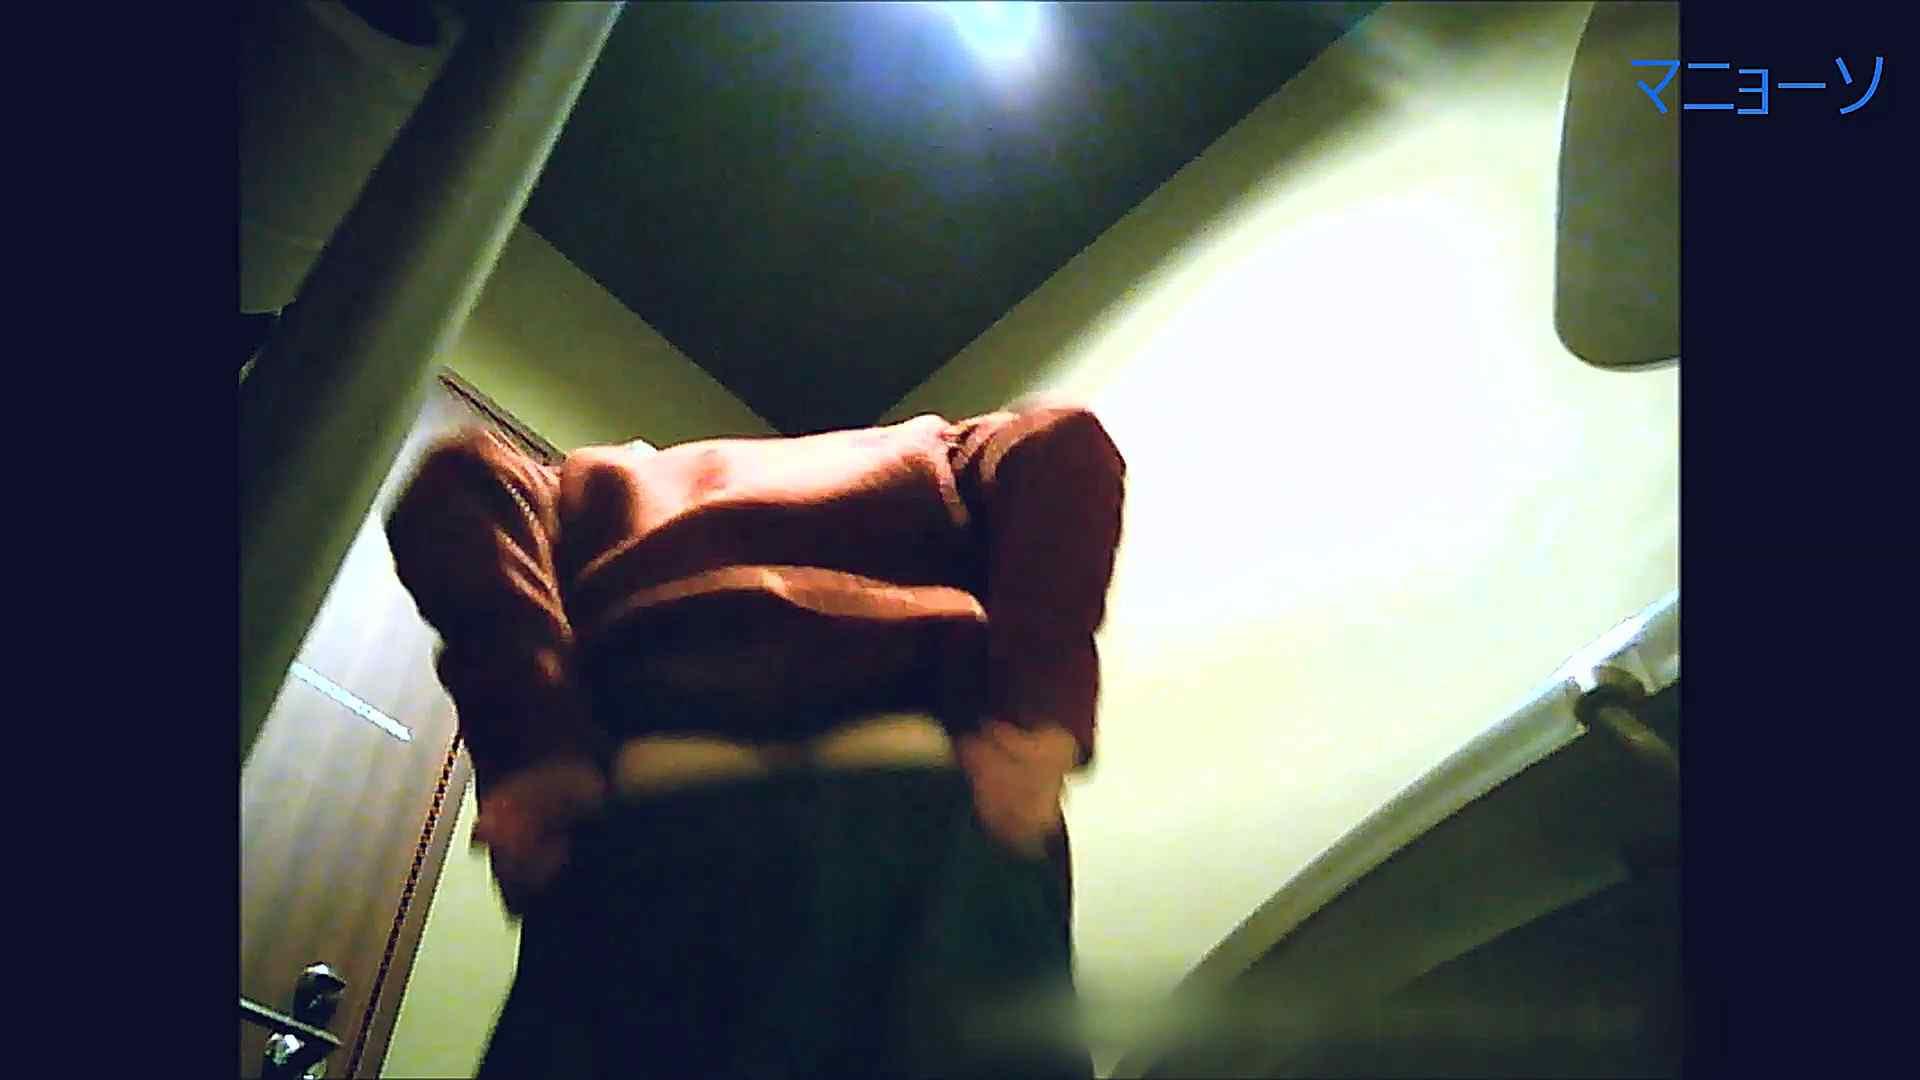 トイレでひと肌脱いでもらいました (JD編)Vol.07 OL  89pic 27